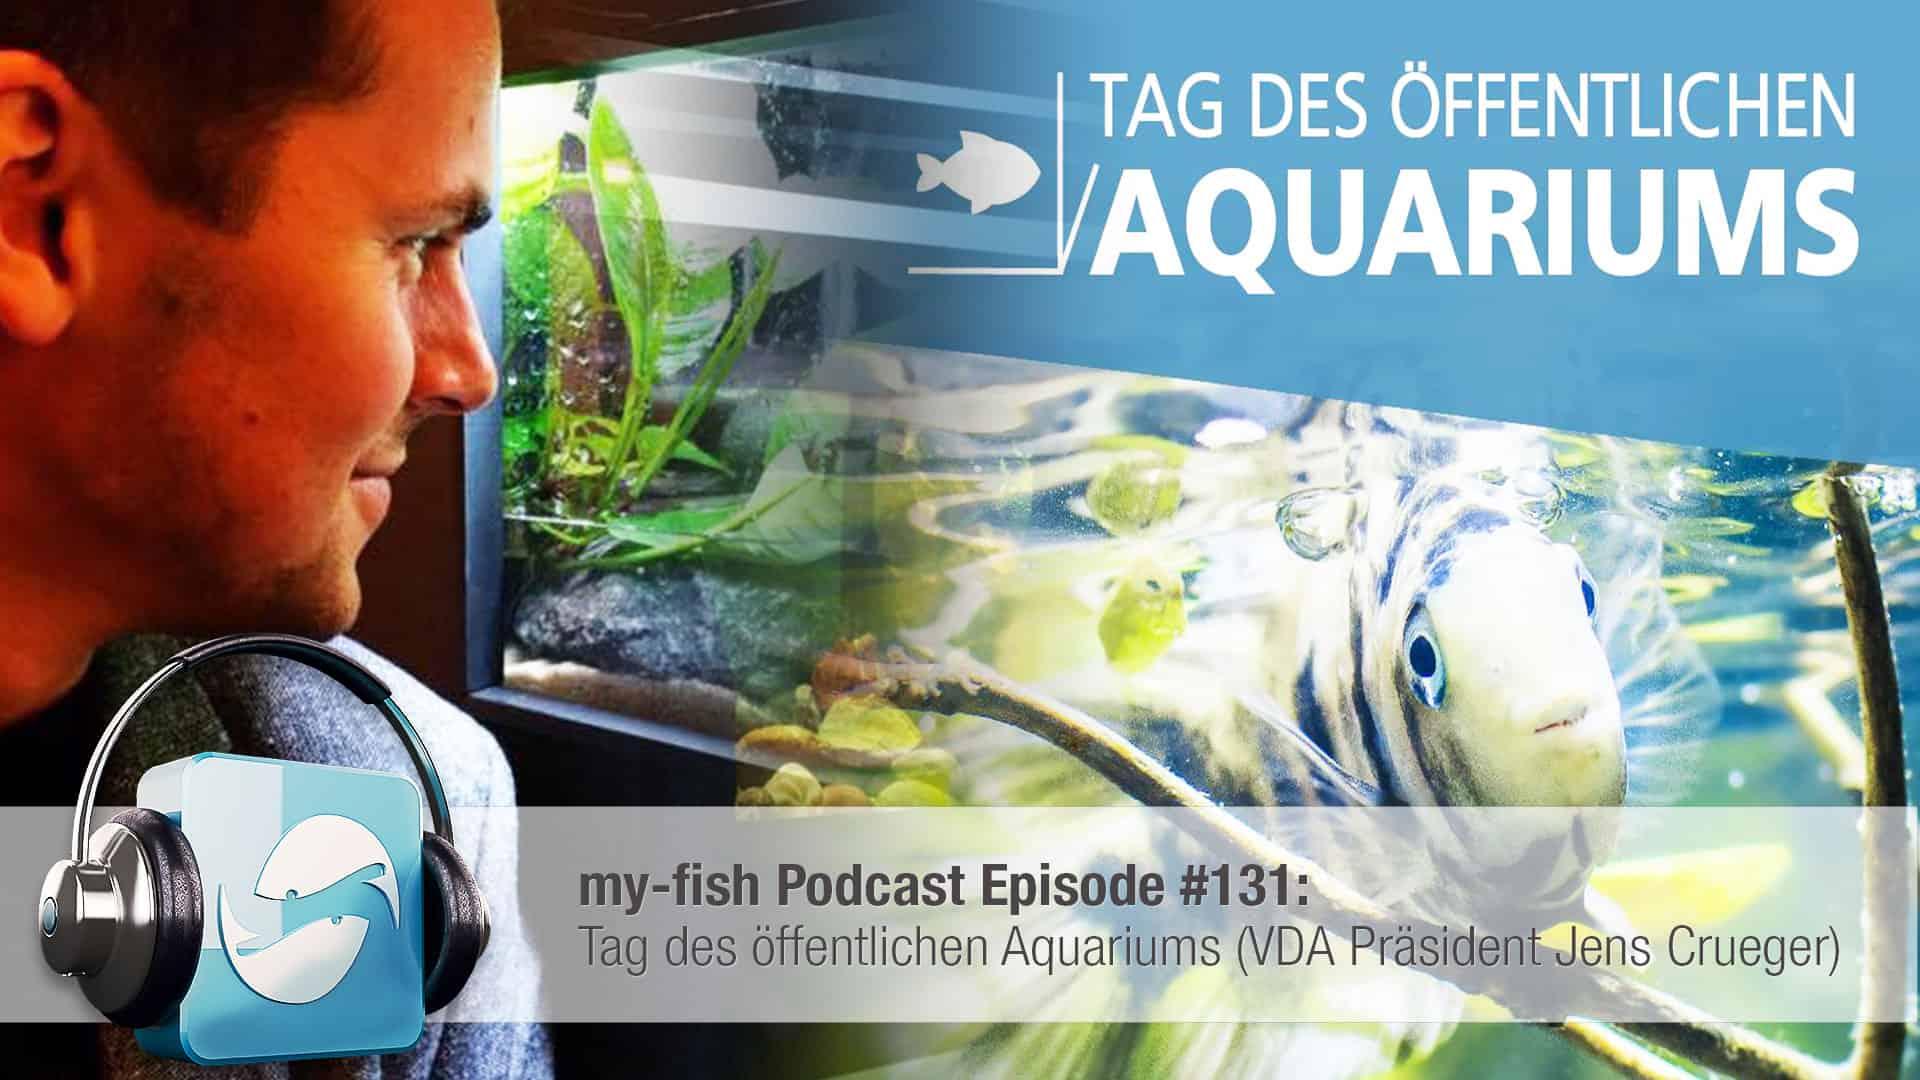 Podcast Episode #131: Tag des öffentlichen Aquariums (VDA Präsident Jens Crueger) 1